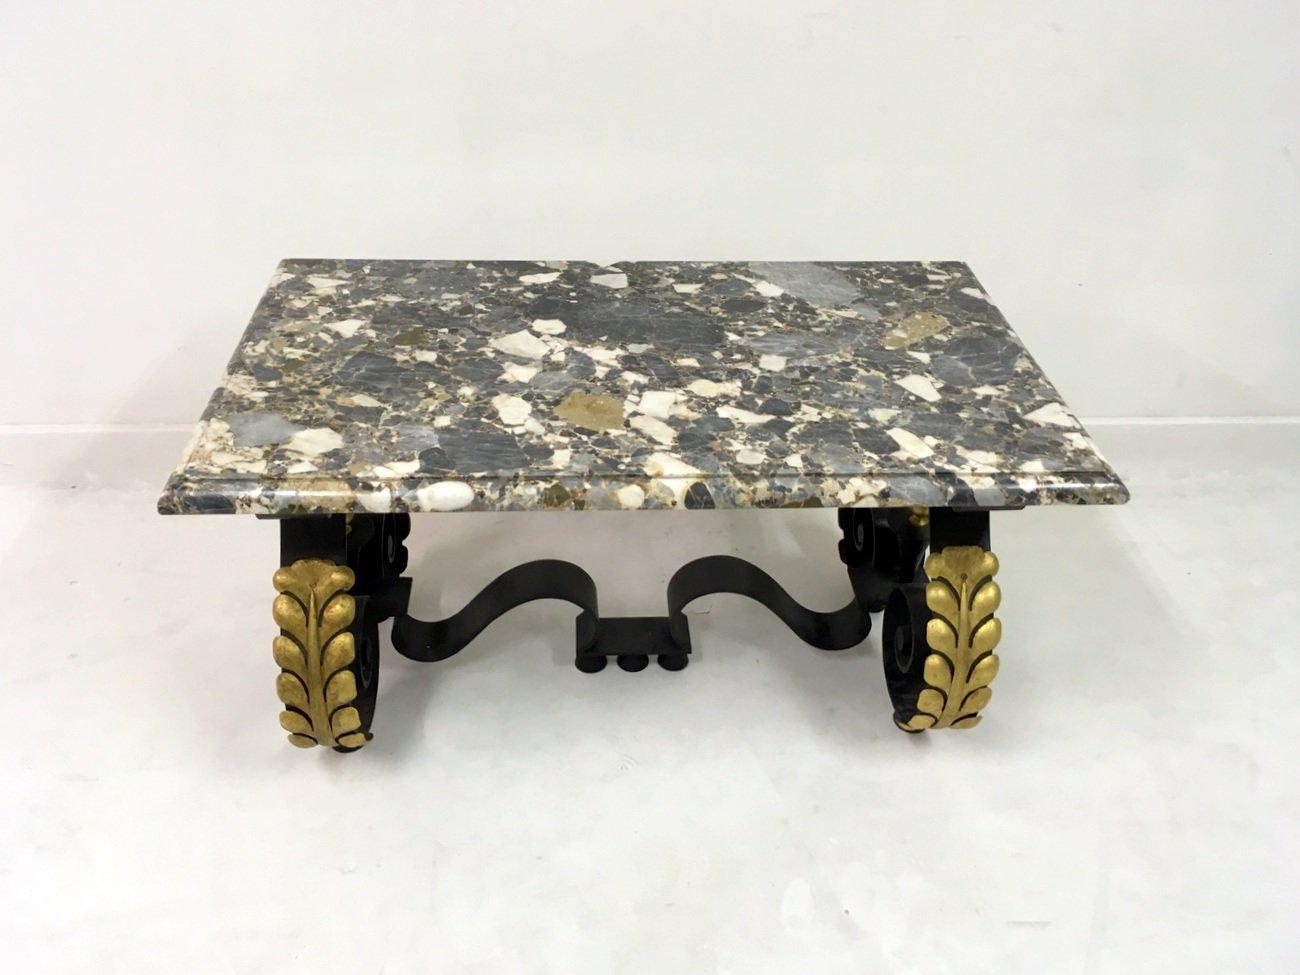 Franz sischer mid century metall marmor couchtisch bei for Couchtisch metall marmor